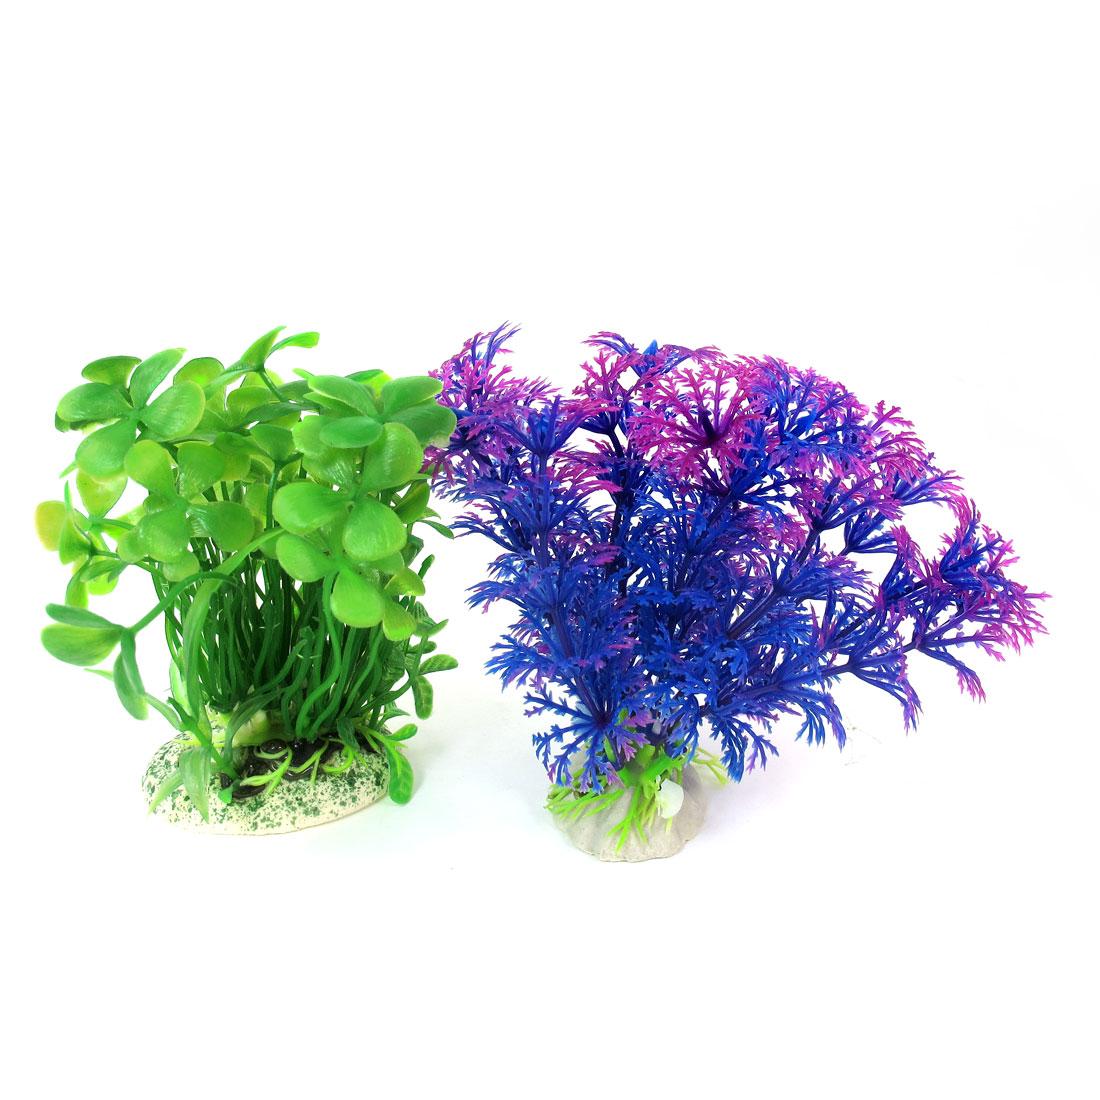 """2 Pcs Green Blue Emulational Fish Tank Aquarium Grasses Decor 4.1"""" High"""